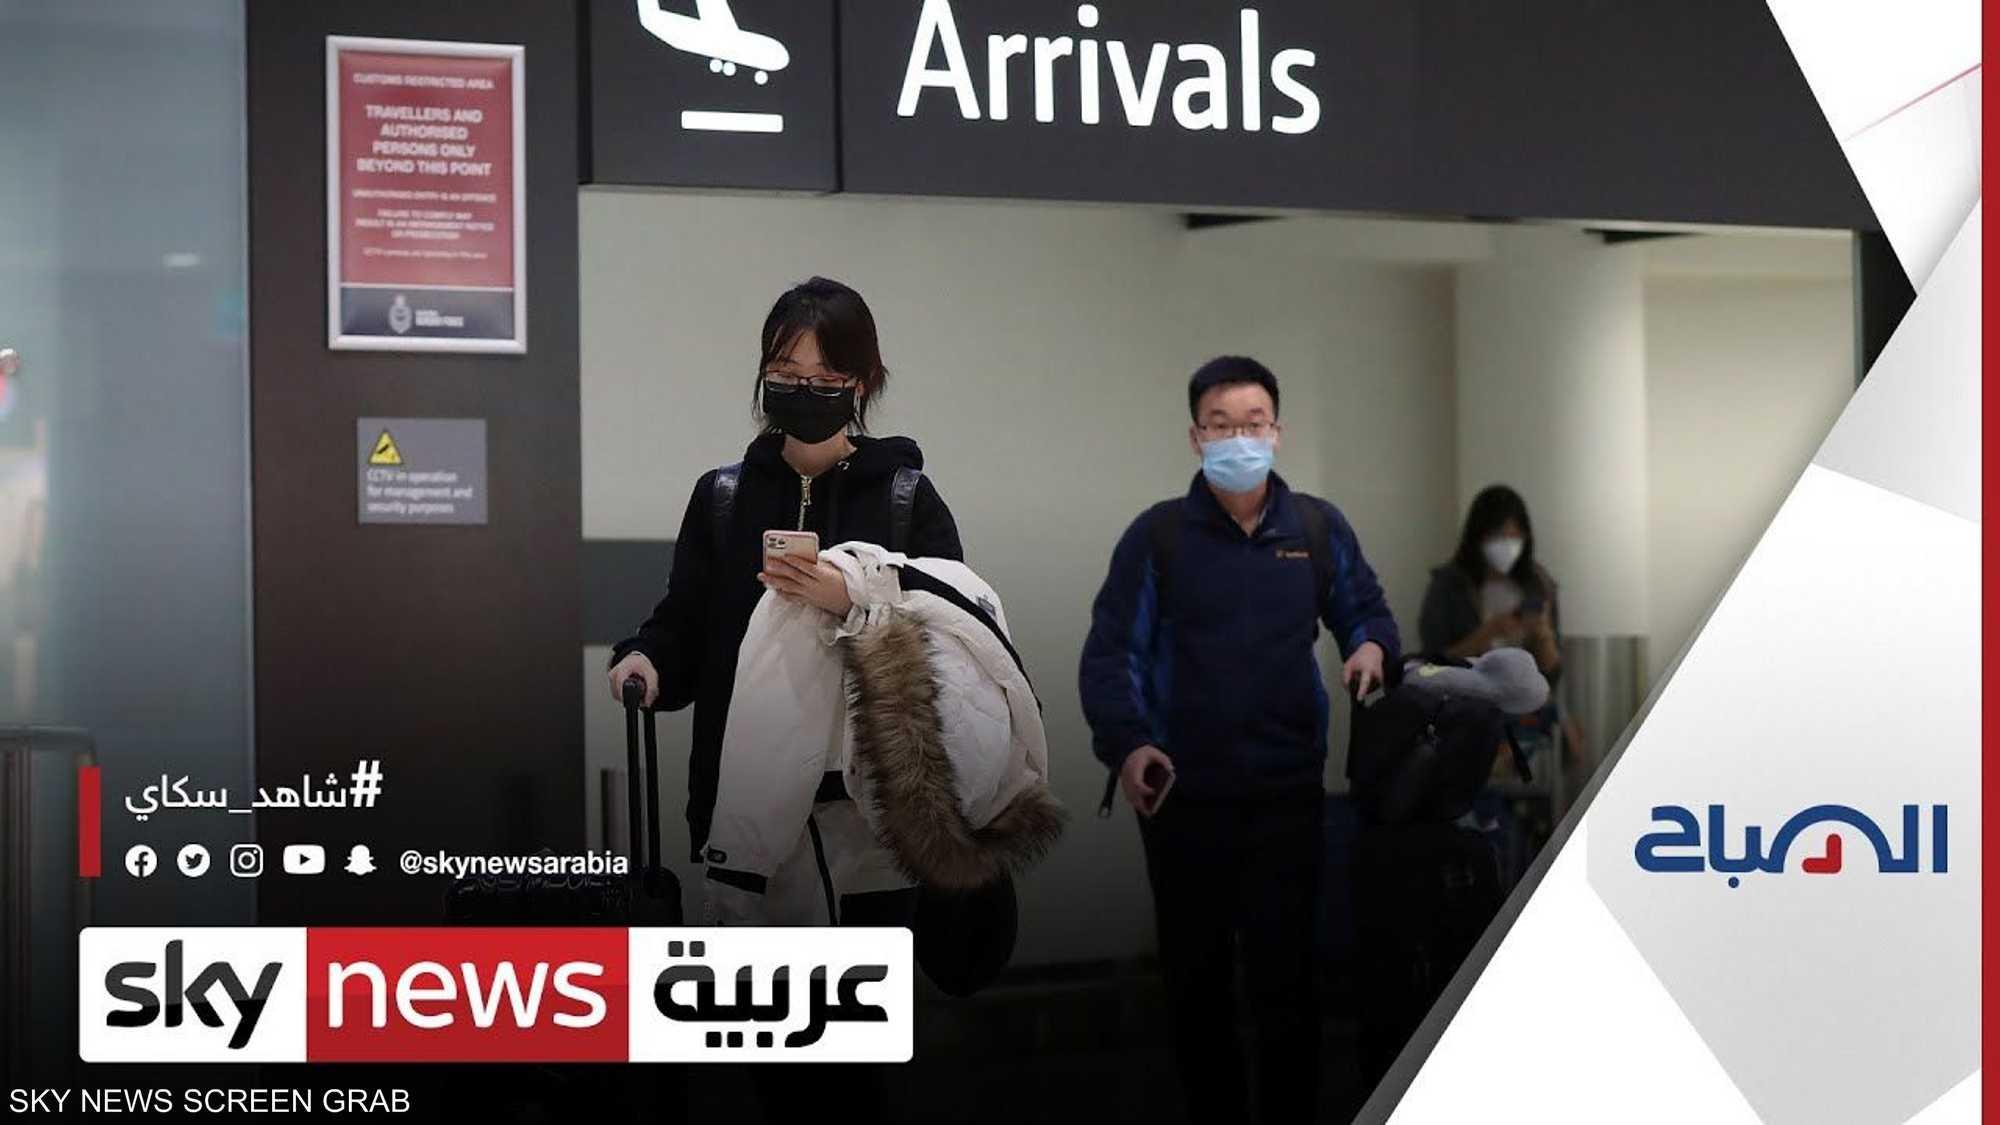 الصين تقترح إضافة وثيقة جديدة للمسافرين لرصد مصابي كورونا